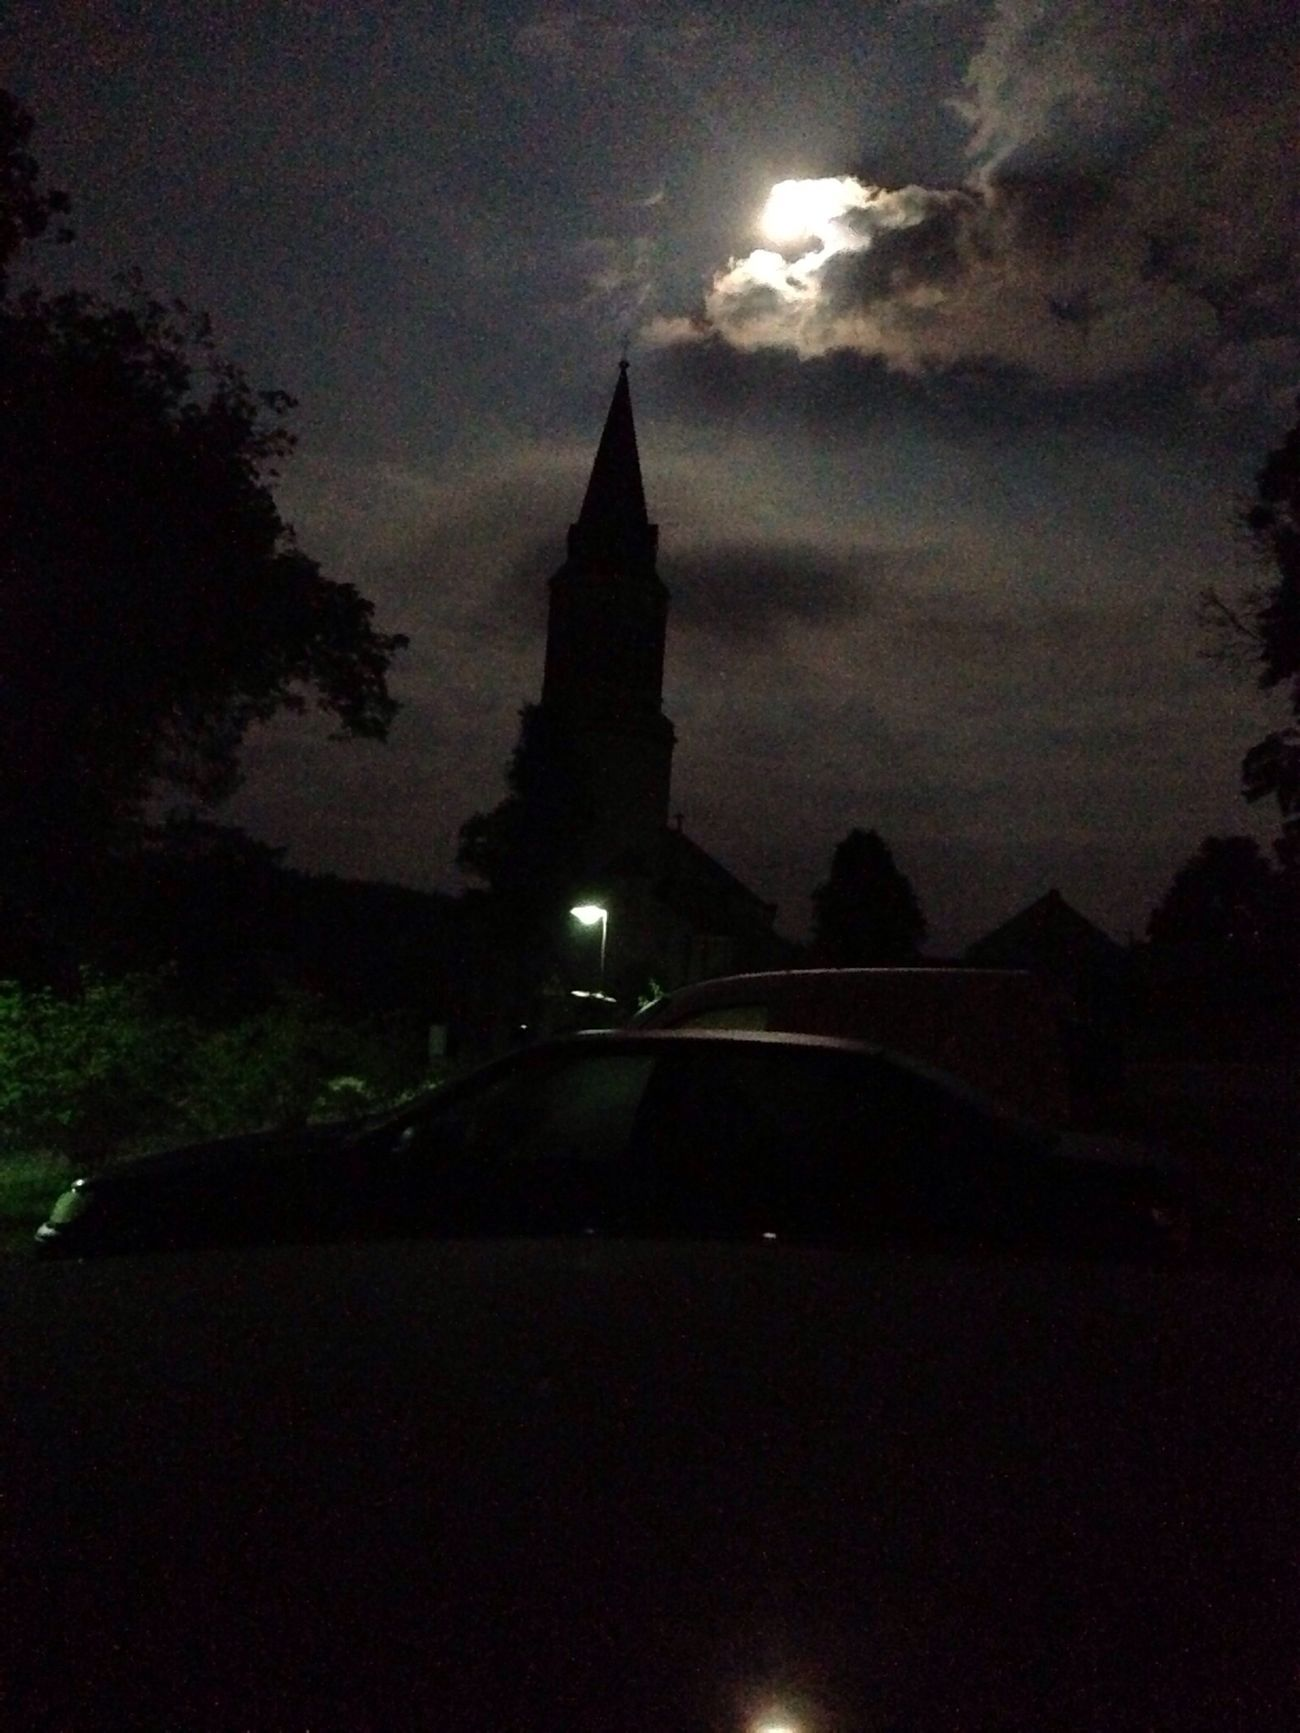 full moon over the church